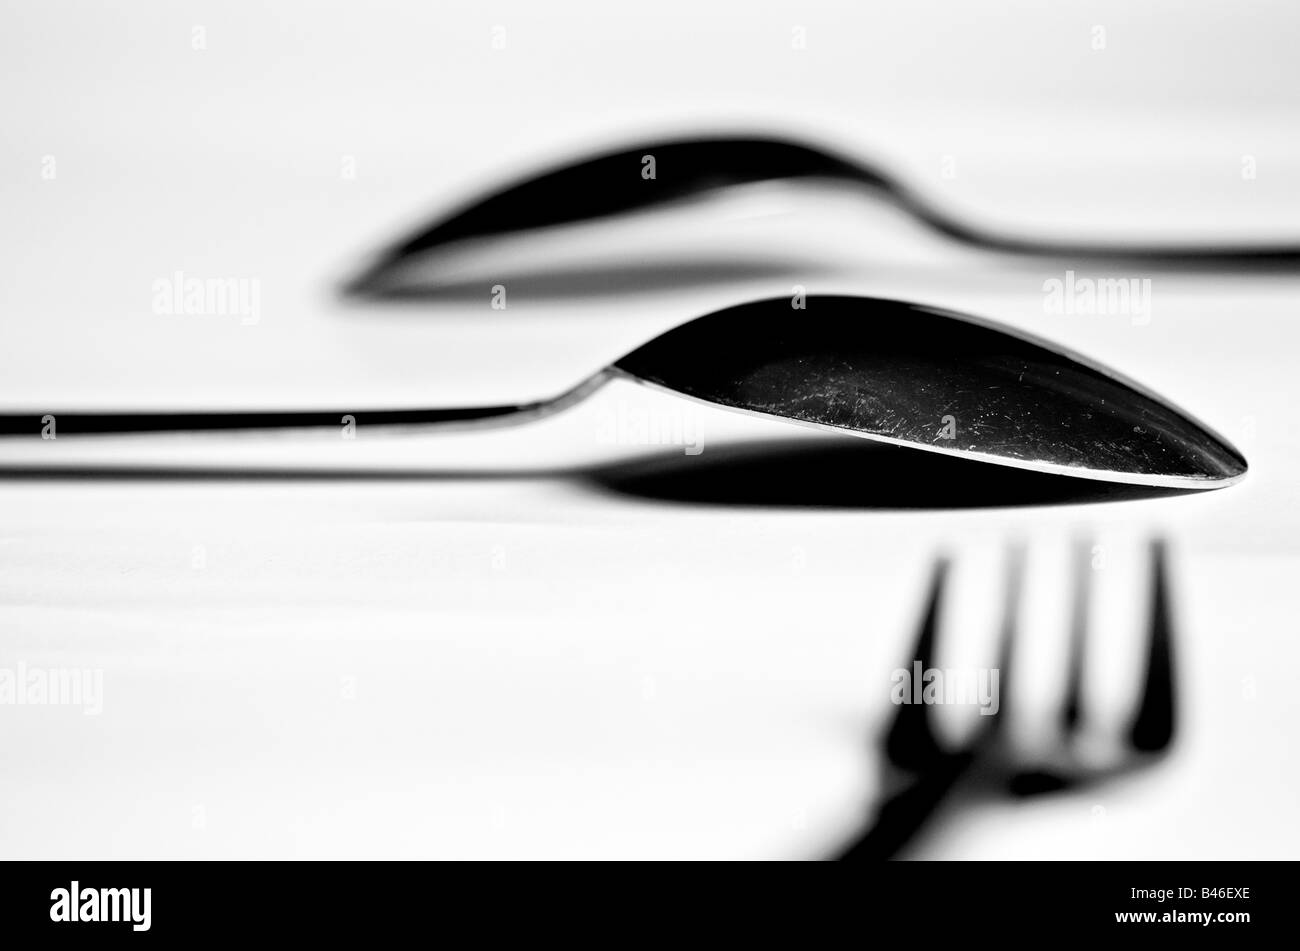 Deux cuillères et une fourchette sur un tableau blanc Photo Stock